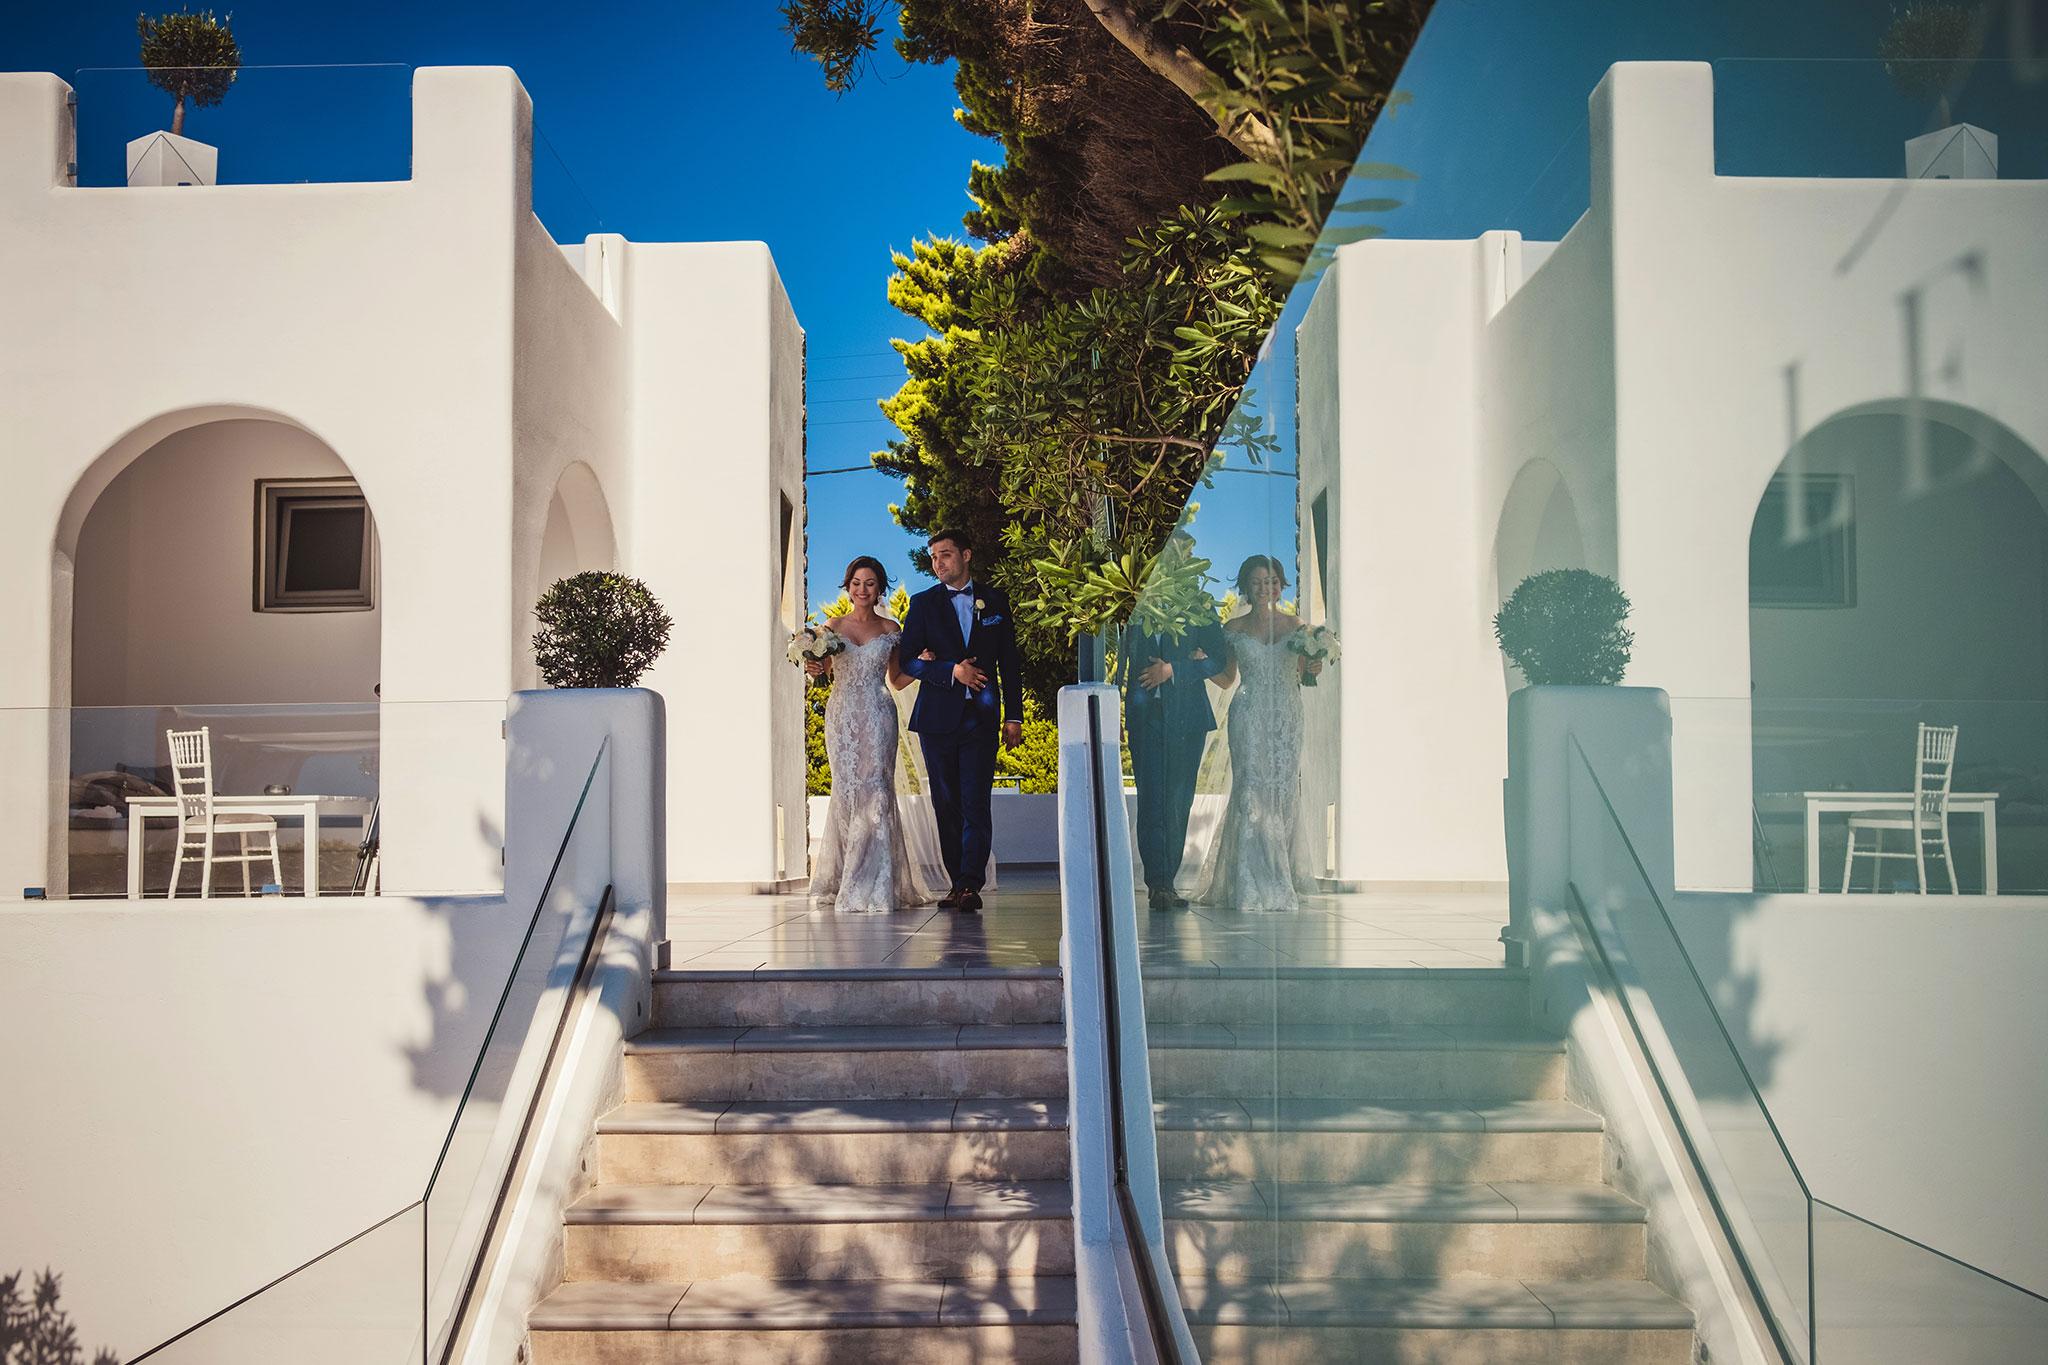 przygotowania doceremoni ślubnej